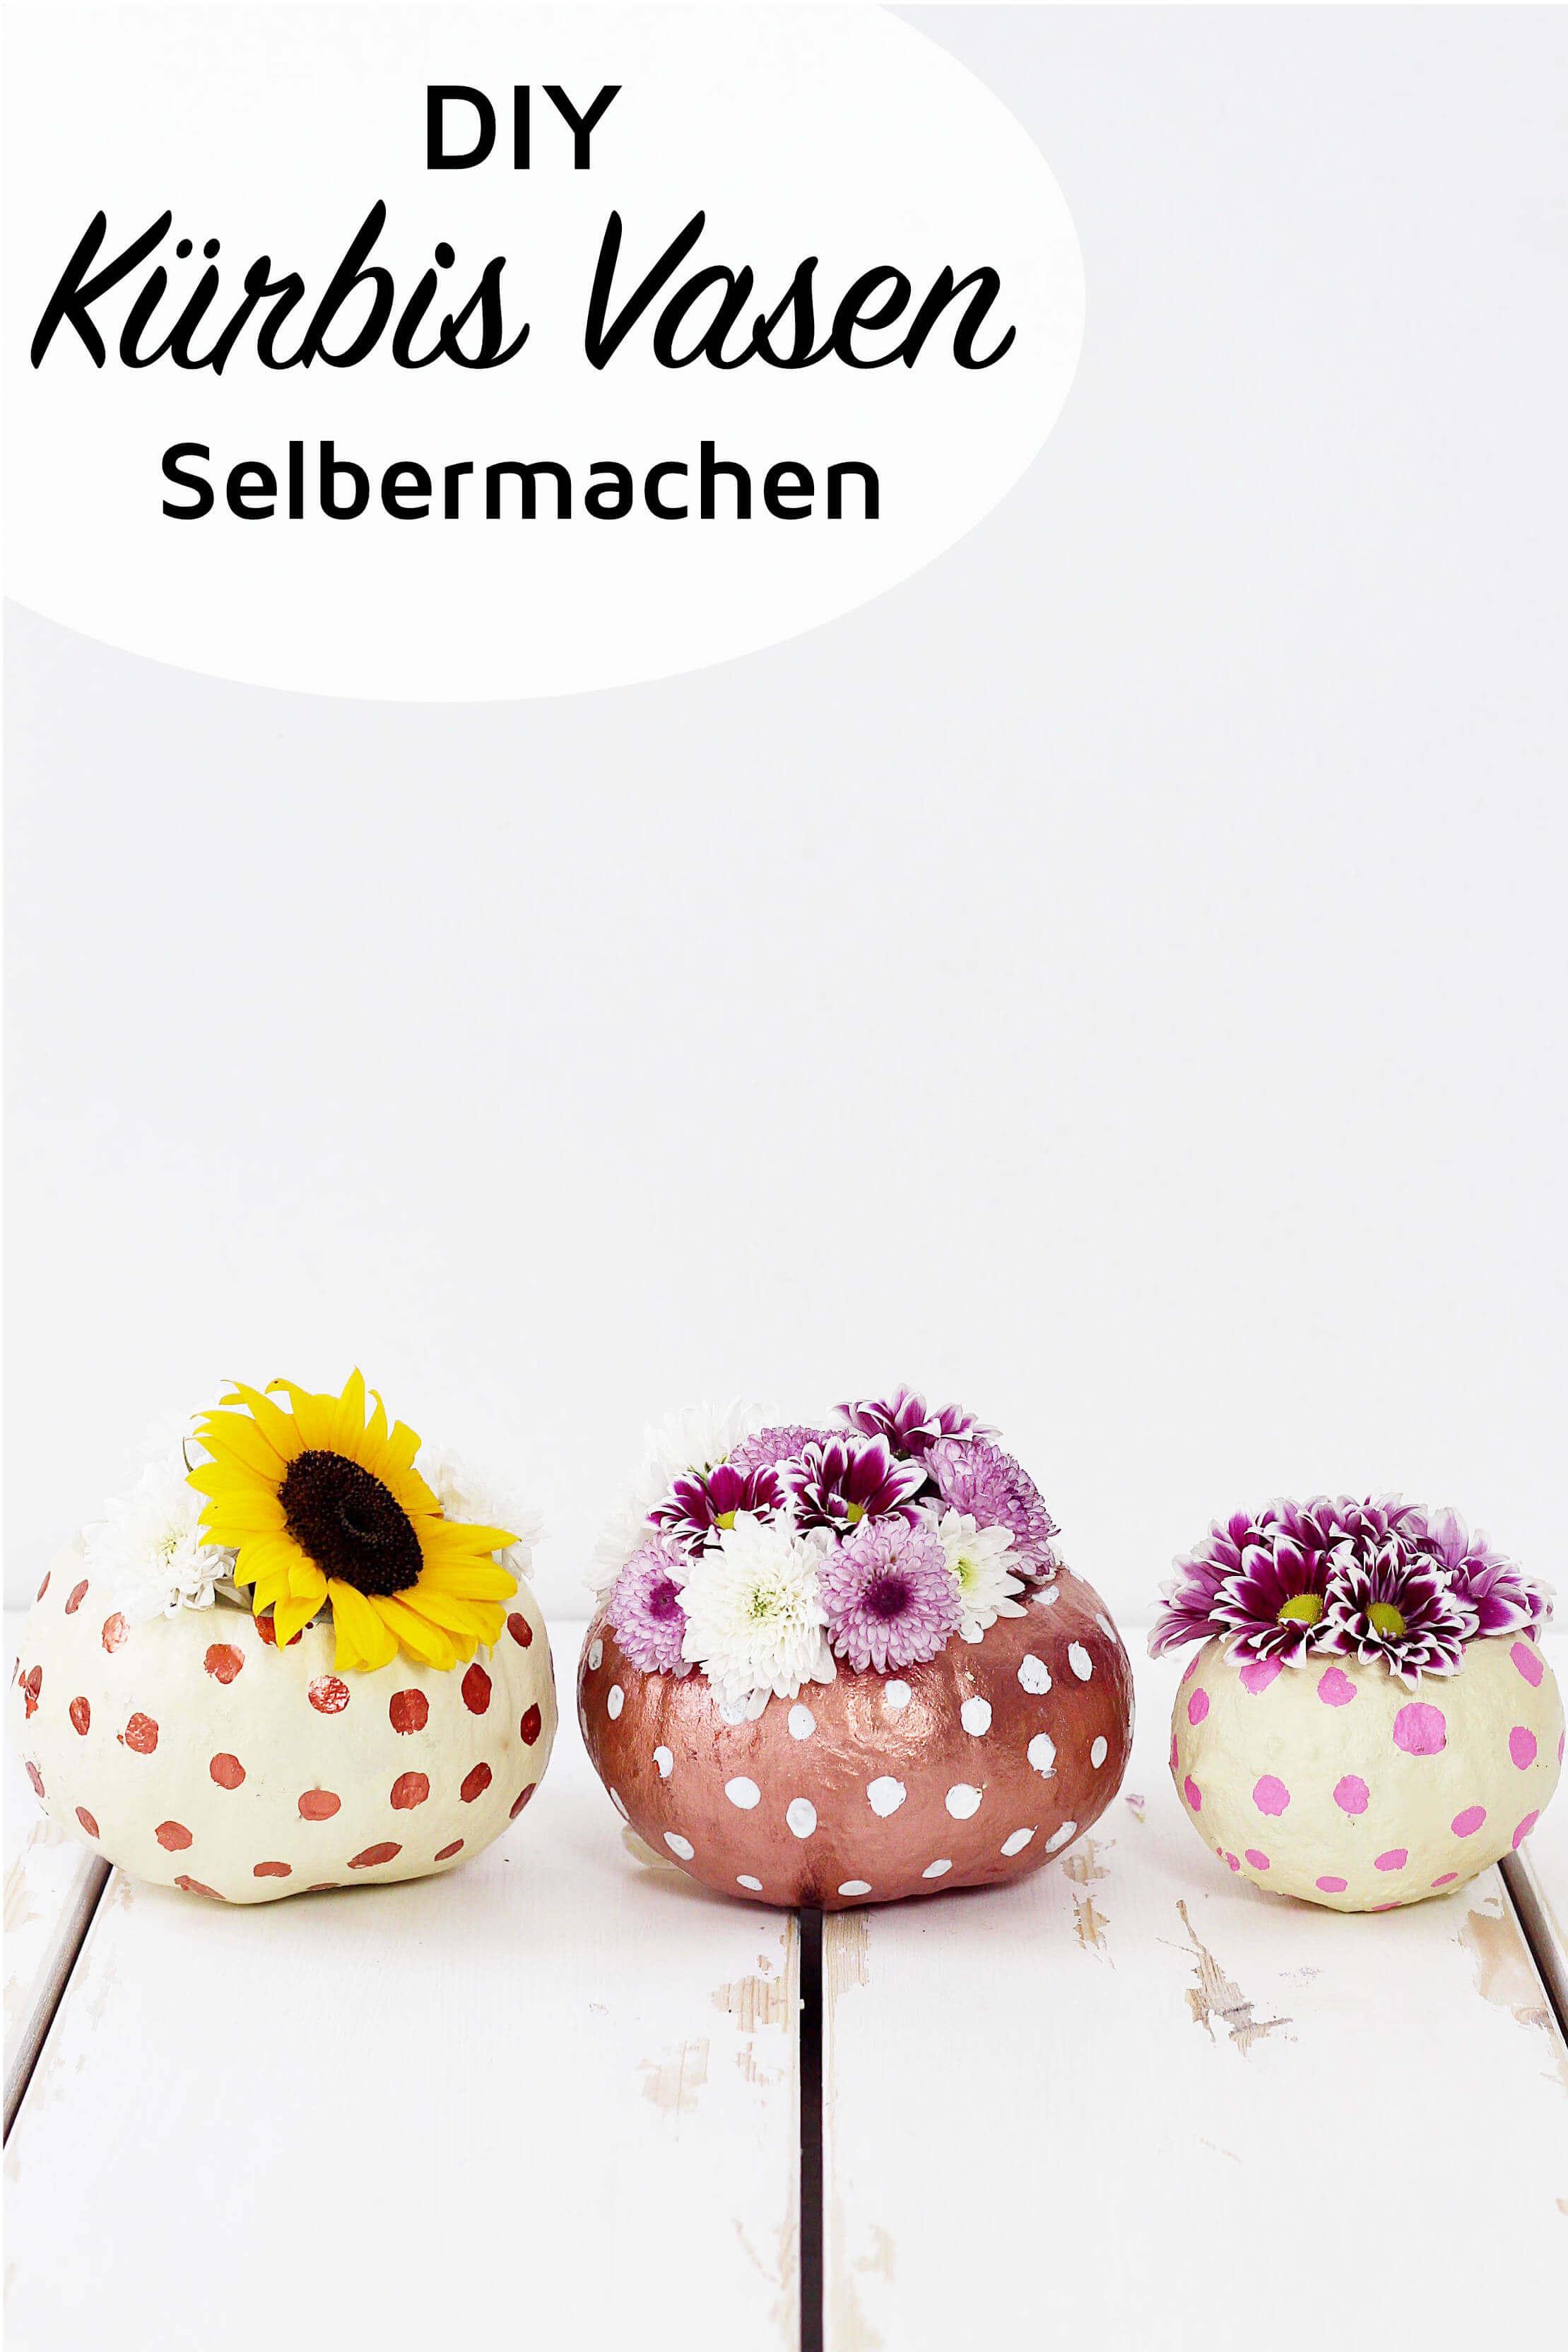 diy-kuerbis-vasen-selbermachen-herbst-deko-diy-blog